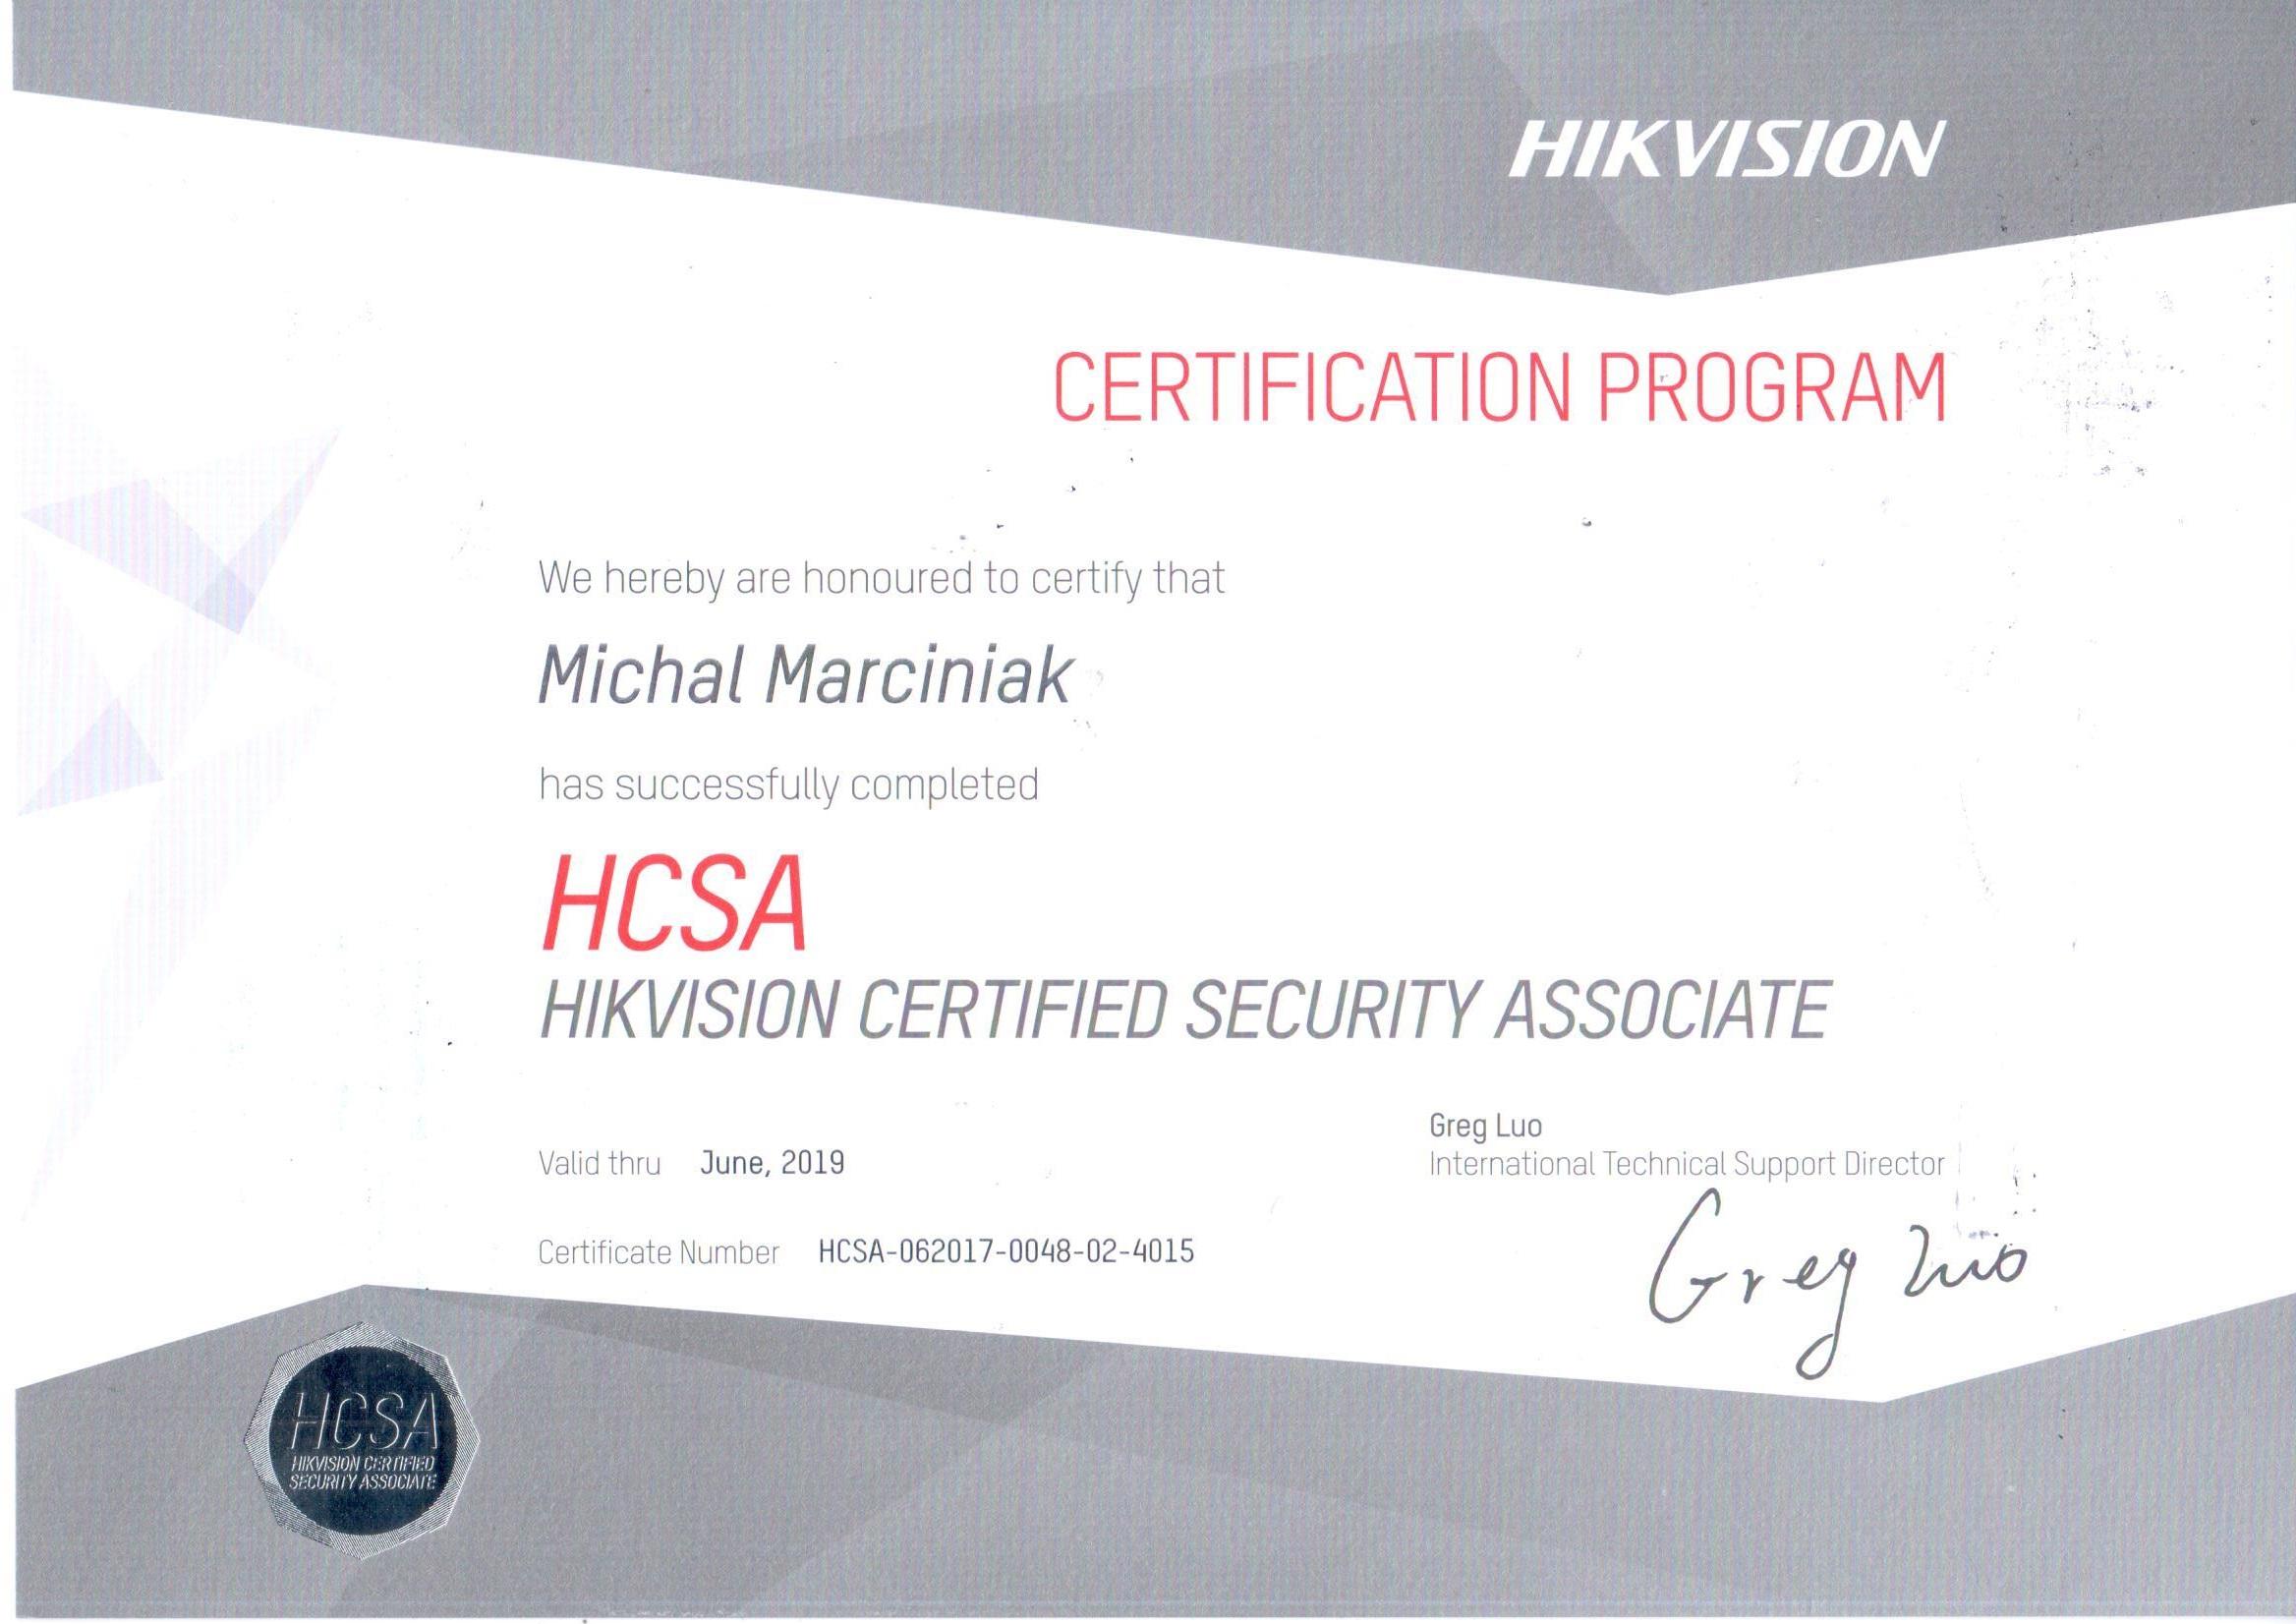 Hikvision HCSA